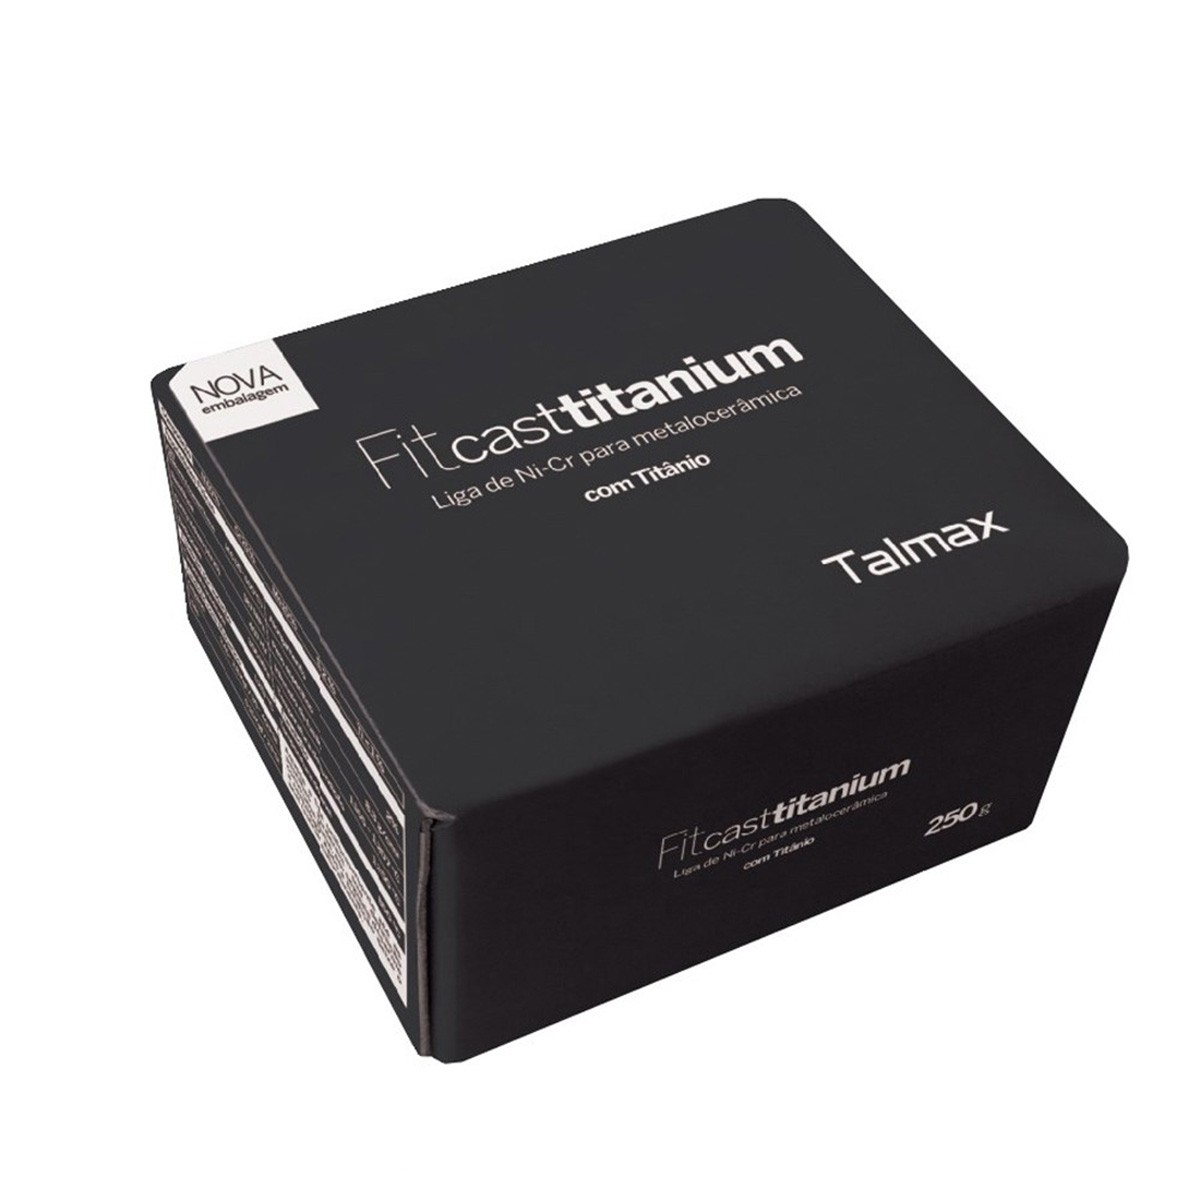 Metal Talmax  Fit Cast Titanium 250g - Ni Cr com titânio